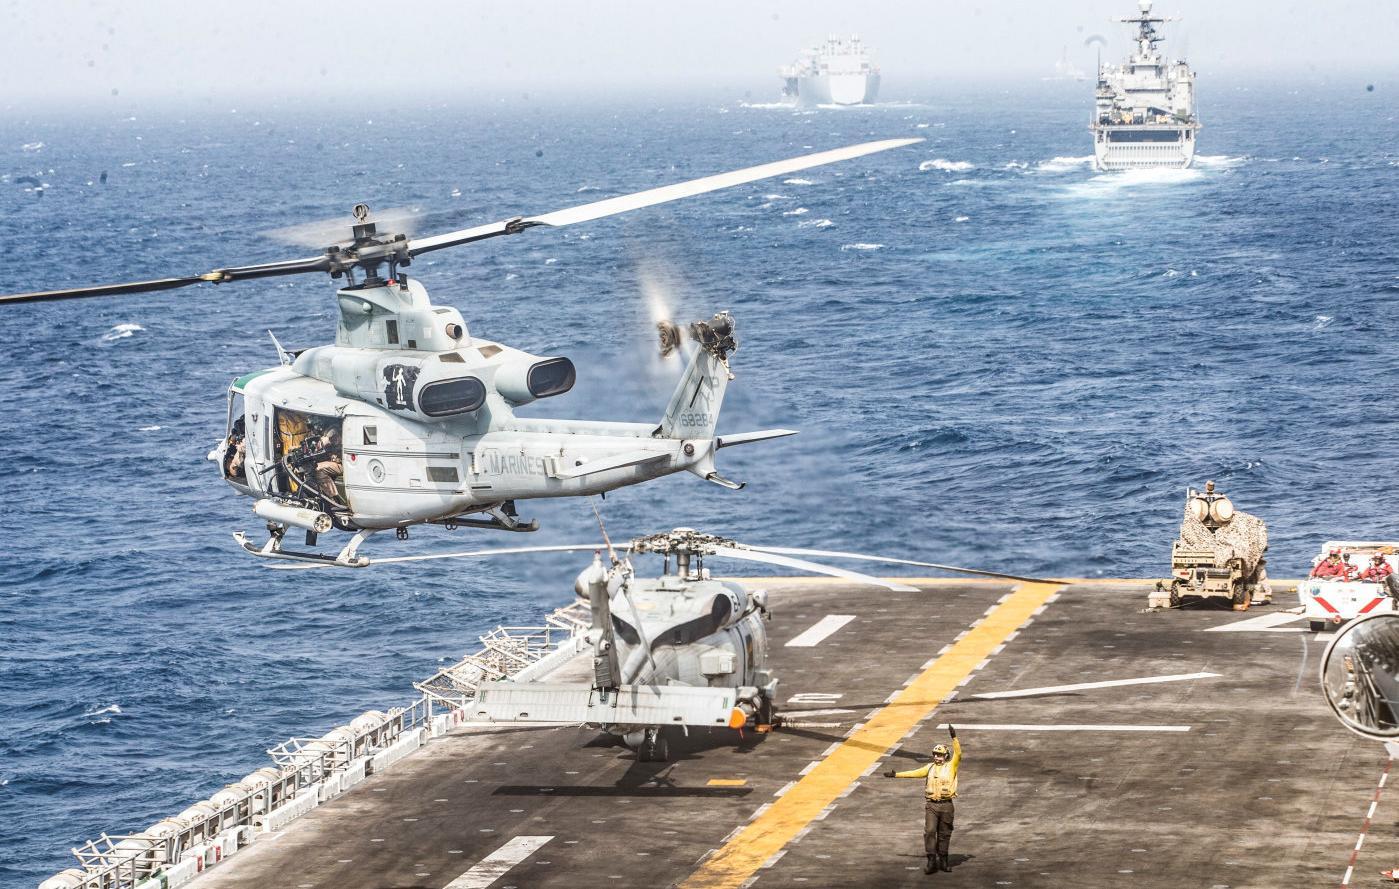 Marinha dos EUA reconhece que vídeos de OVNIs são reais